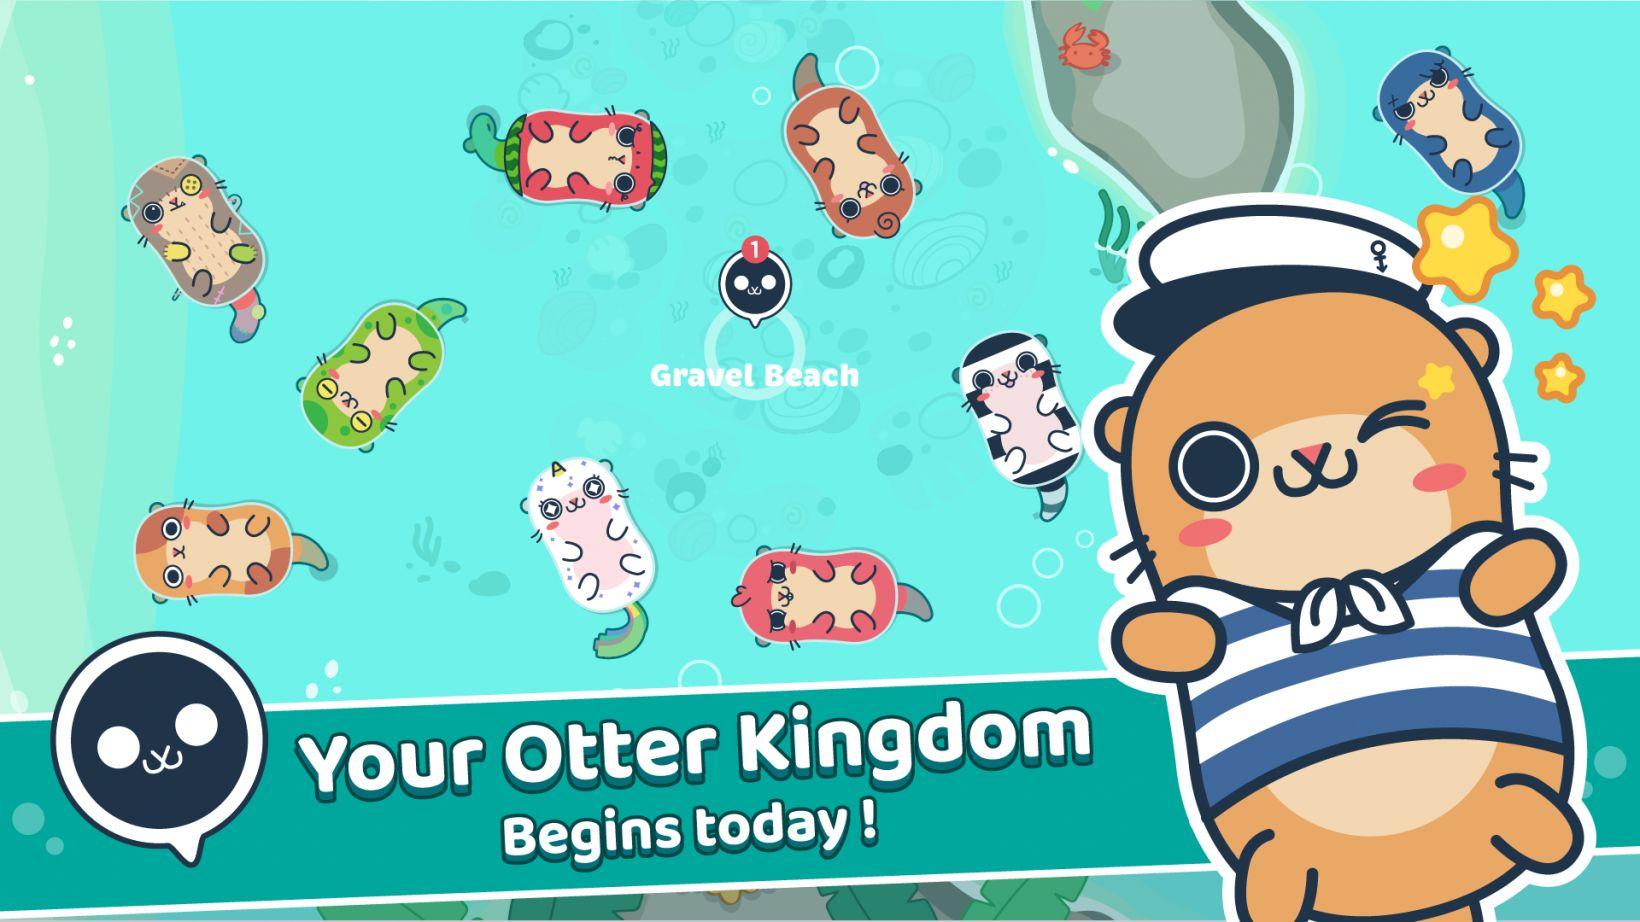 Превью Otter Ocean Treasure Hunt - Спасите моря, заботясь о друзьях-выдрах